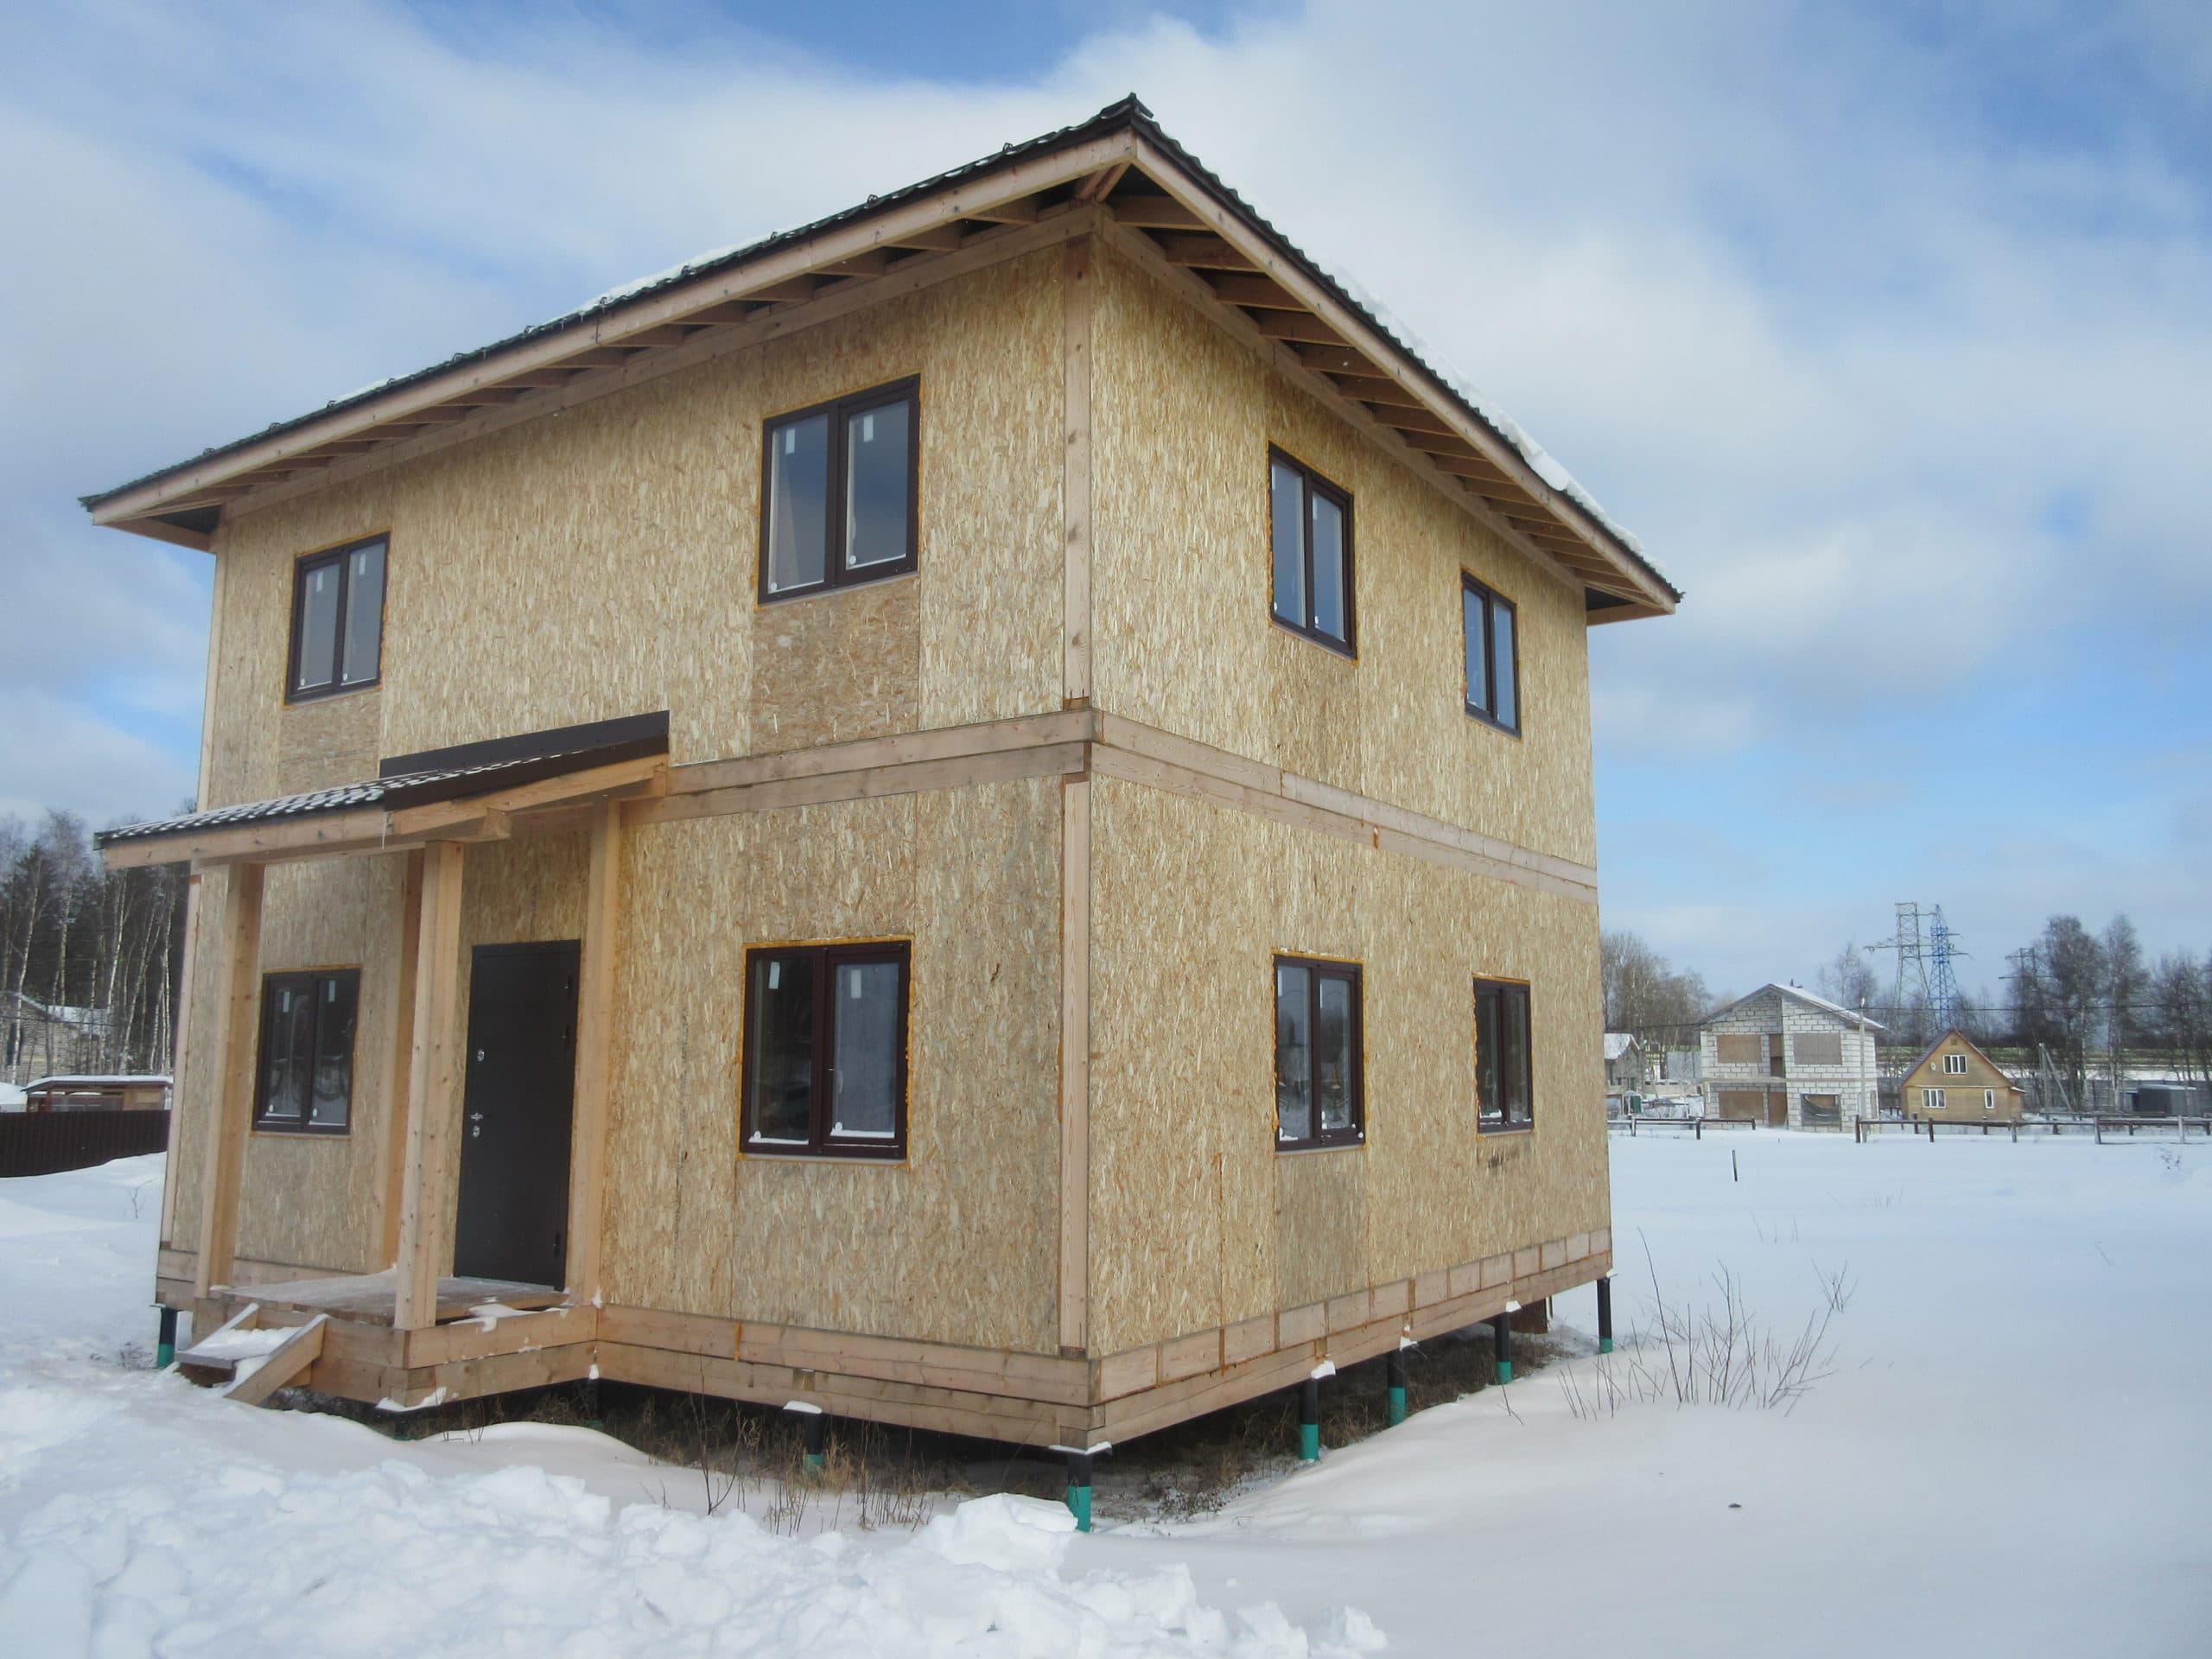 dom iz sip panelei moskovskaja oblast solnechnogorskii raion kottedzhnyi poselok scaled - Монтаж сайдинга